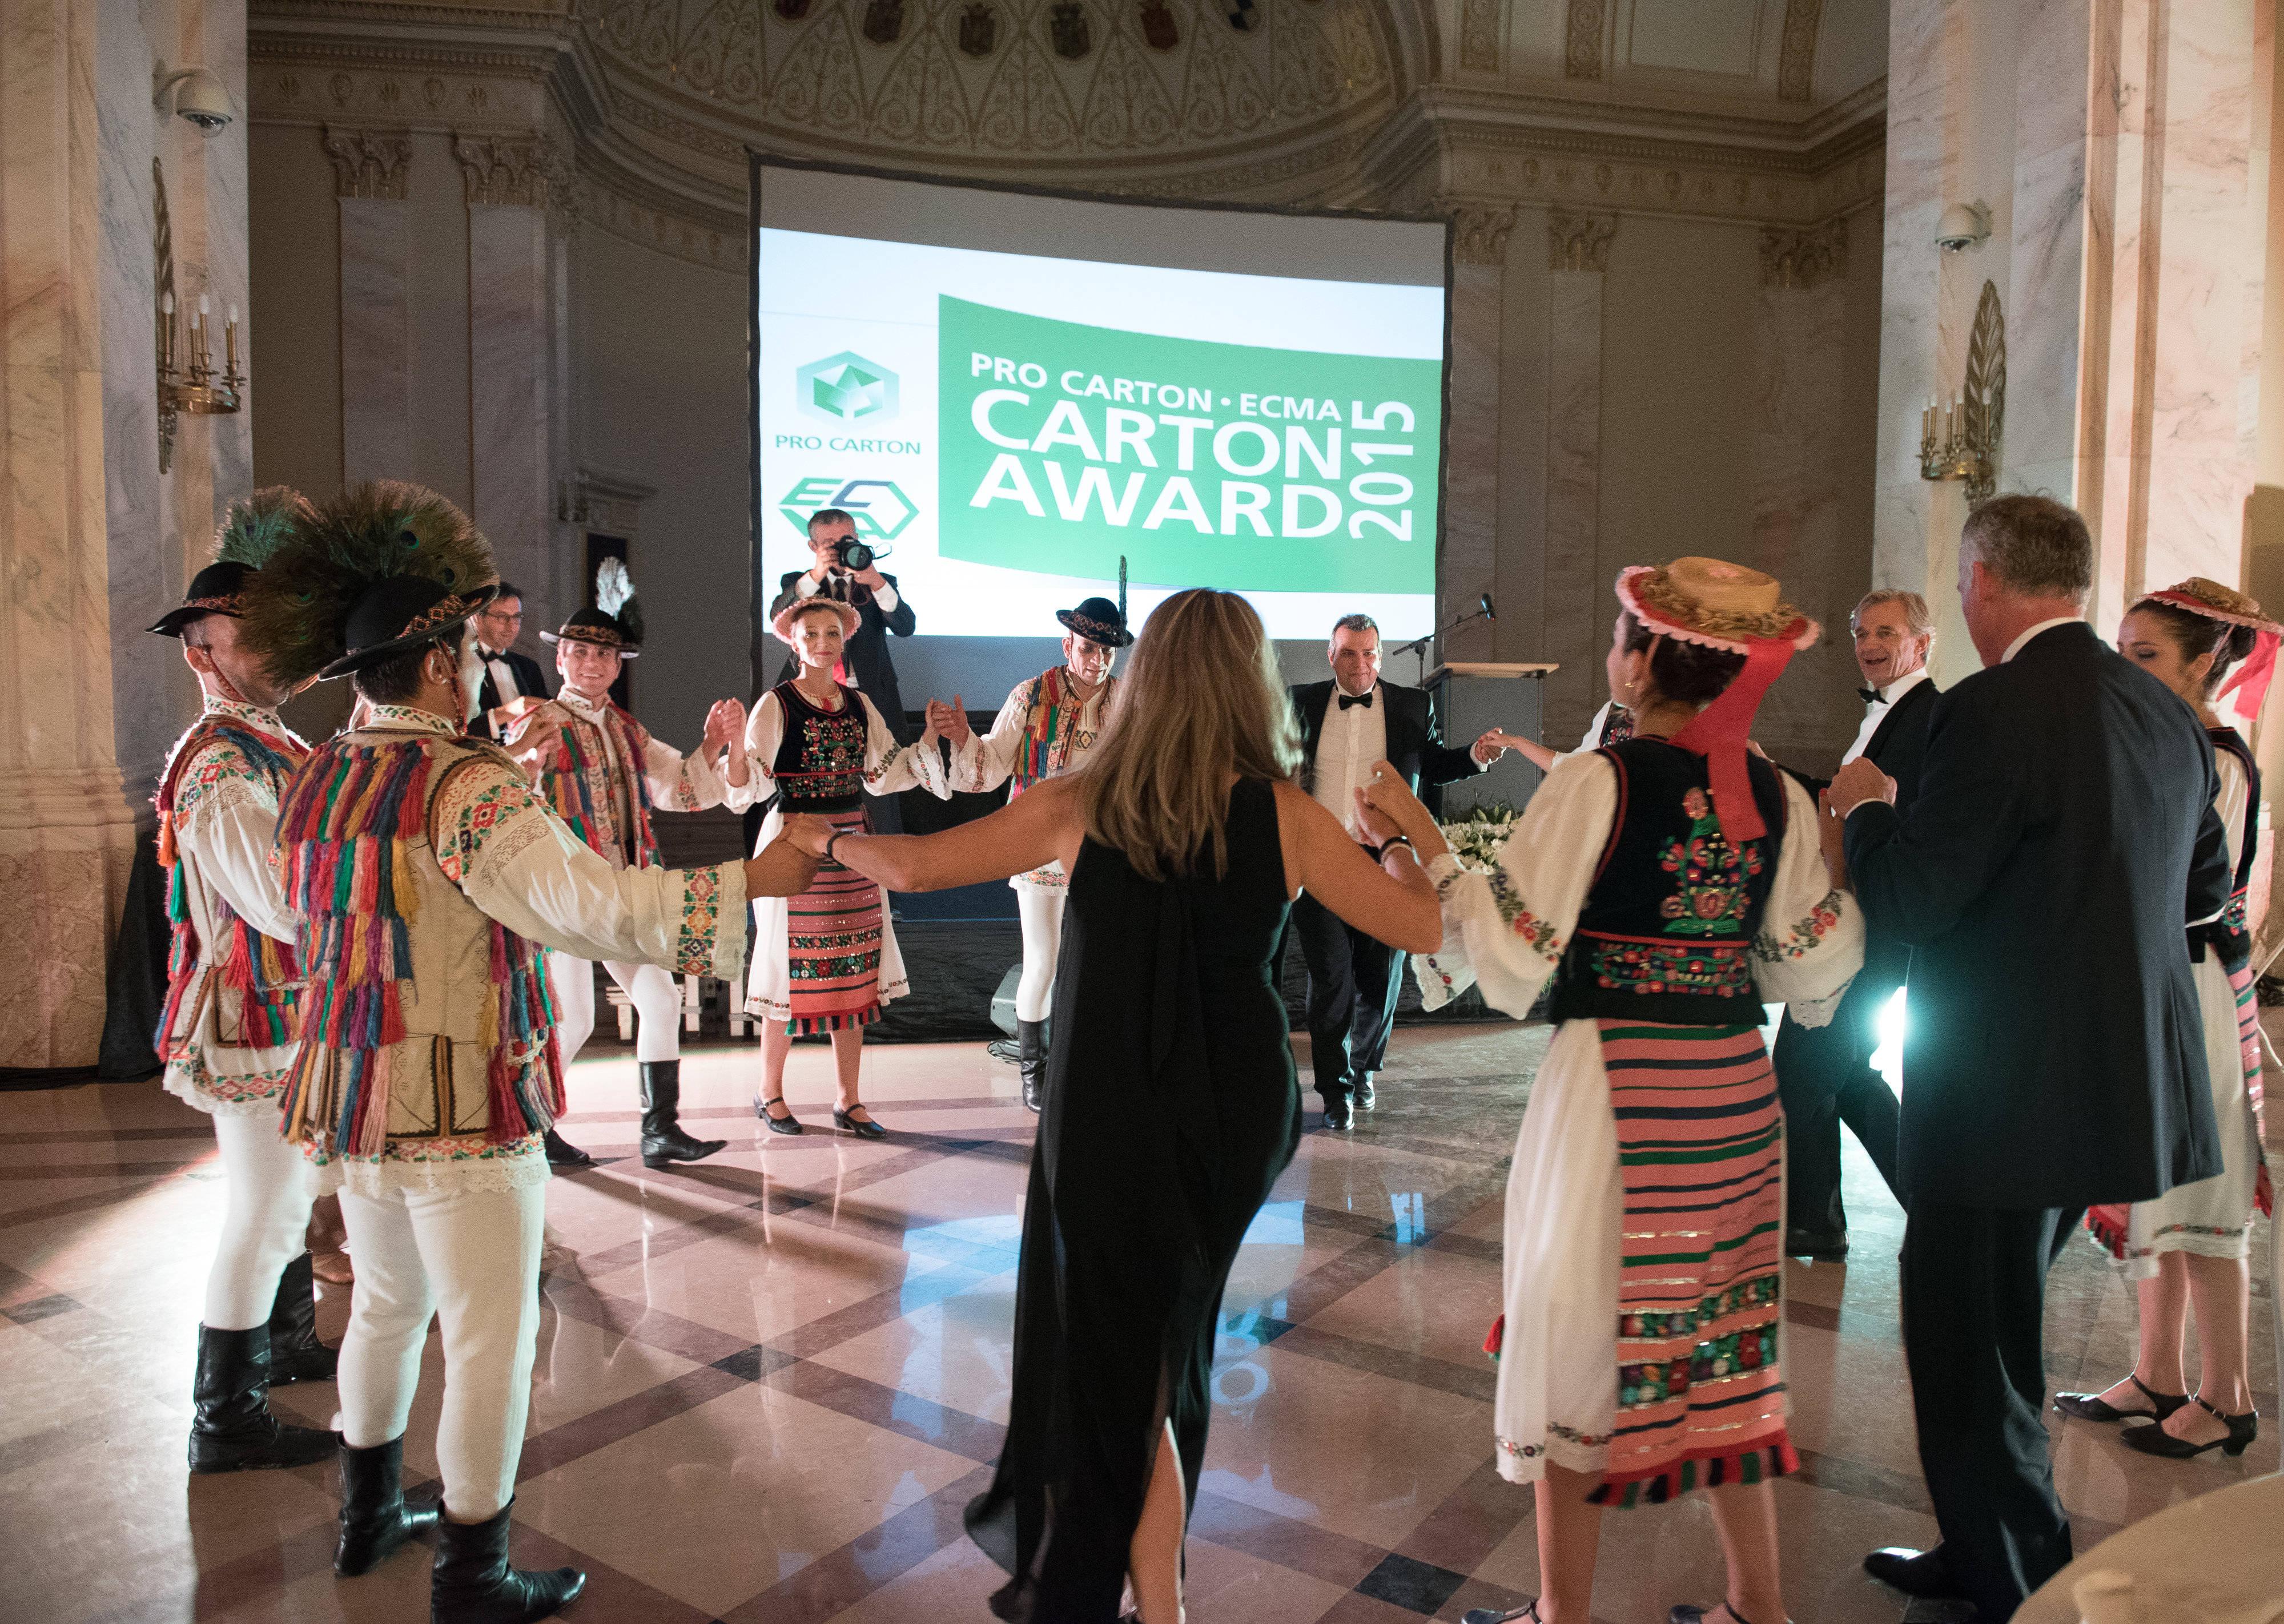 Pro Carton ECMA Award Gala 2015 52